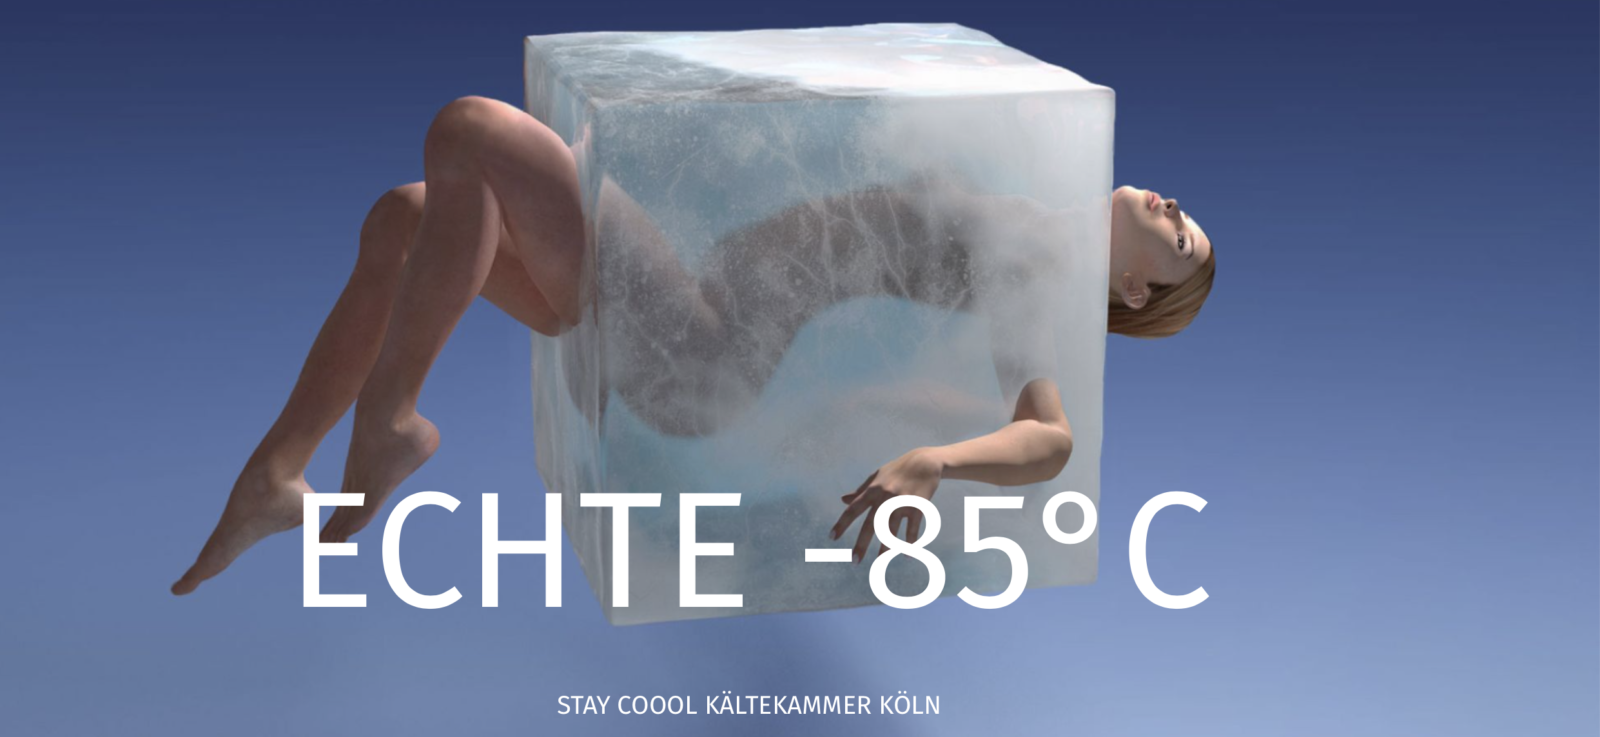 StayCoool Kältekammer Frechen-Königsdorf